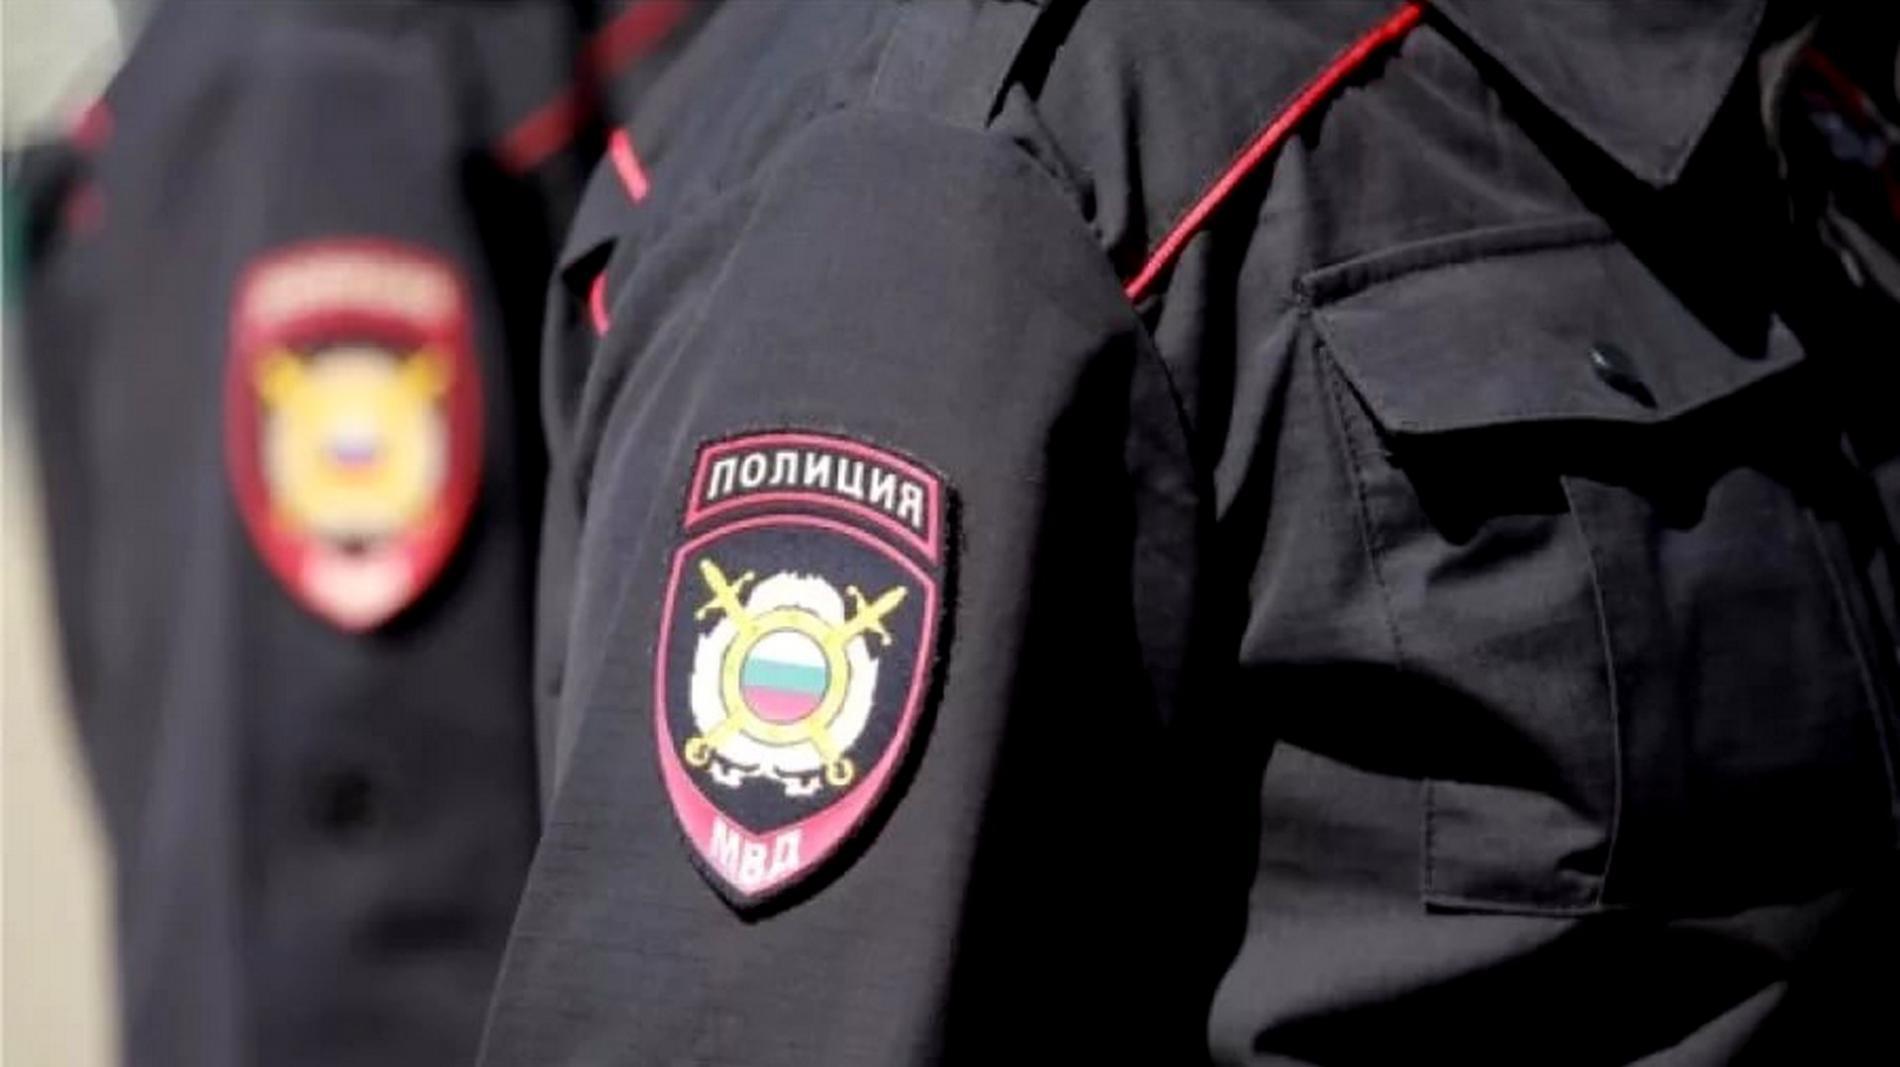 ВЧереповце полицейский прострелил руку скандалисту, бросившемуся нанего сножом